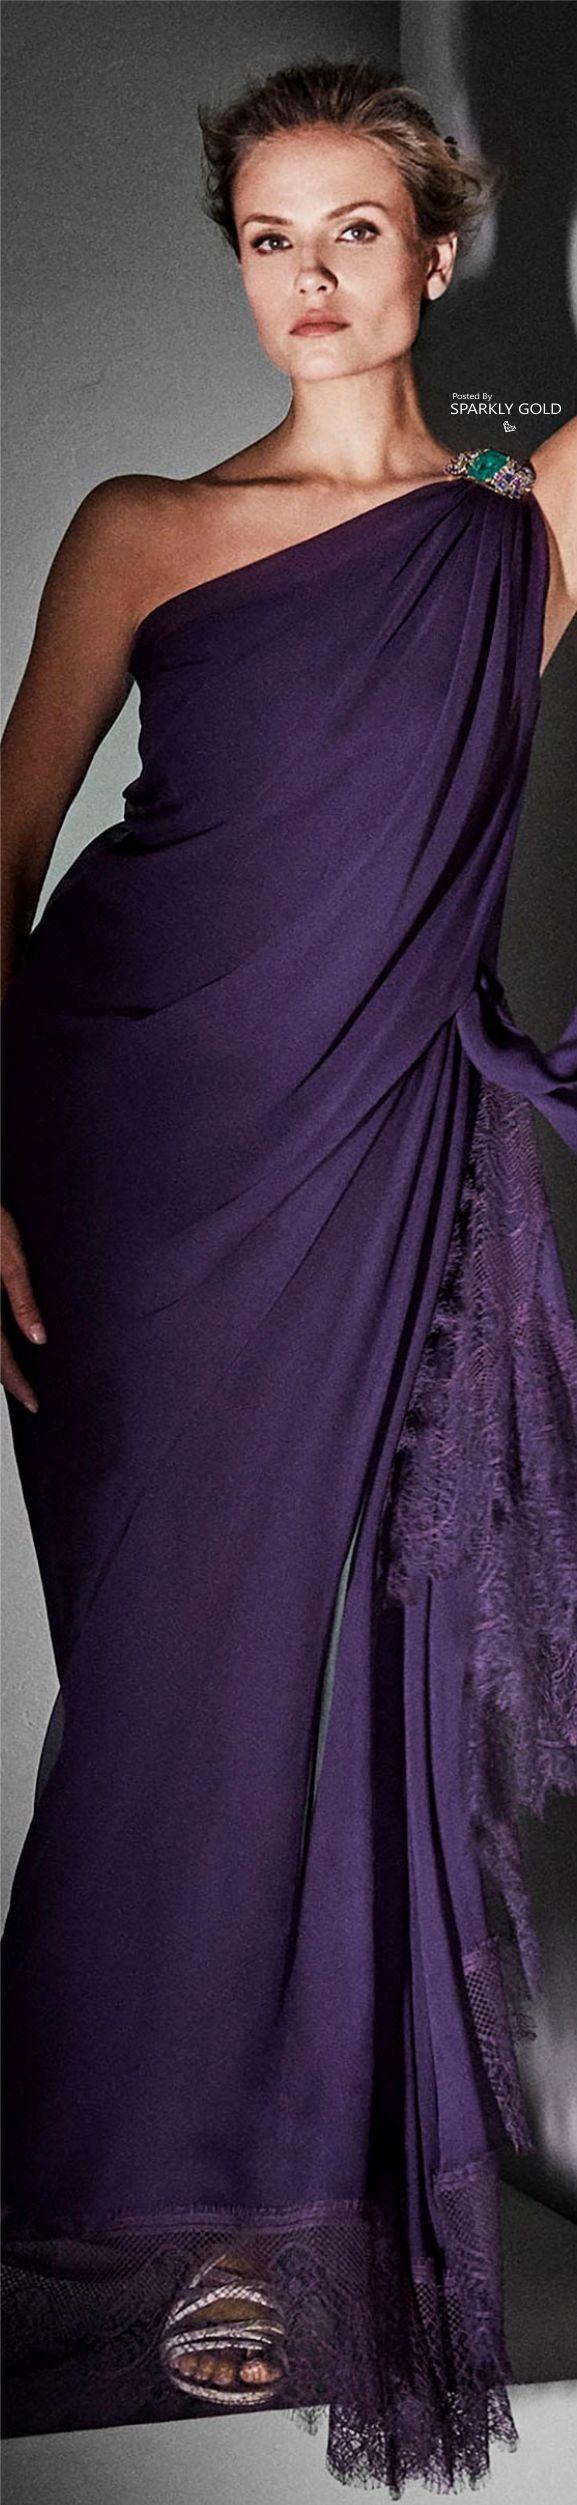 Alberta Ferretti Fall 2017 Couture